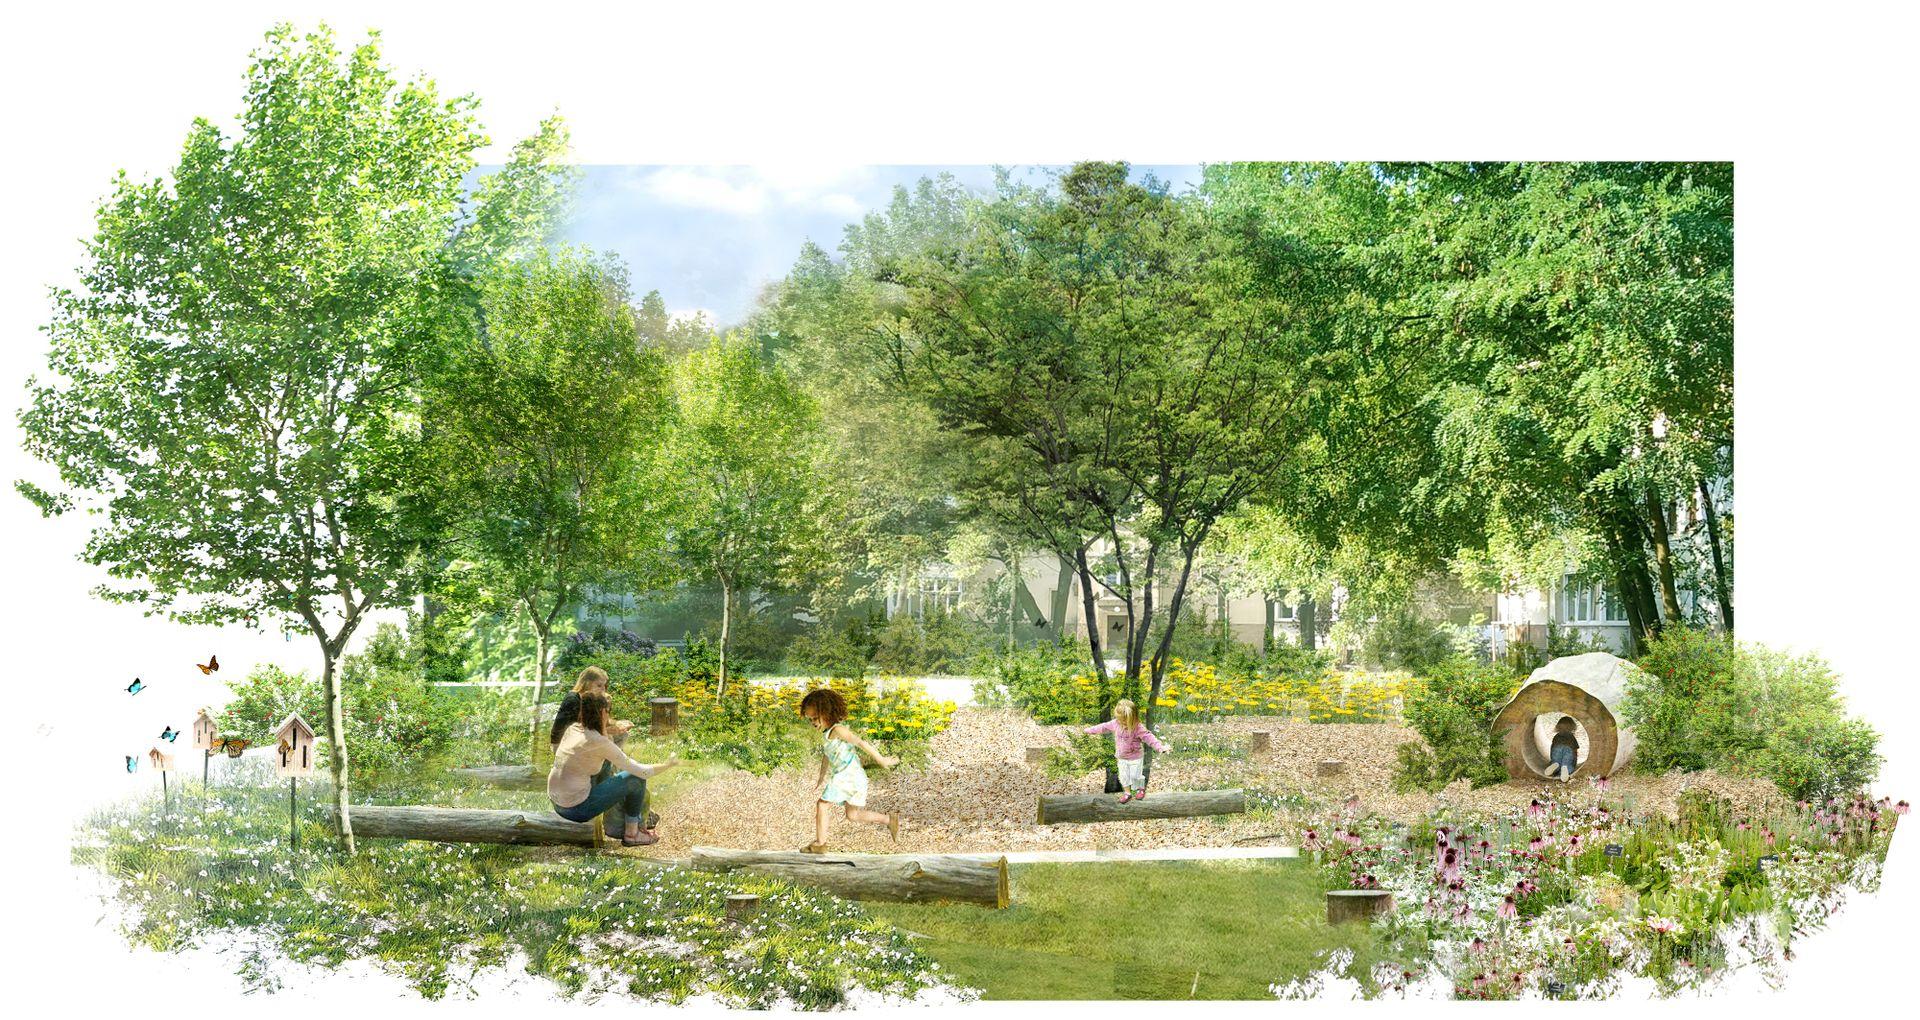 Wrocław: Grow Green – Ołbin się zazieleni w ramach adaptacji do zmian klimatu